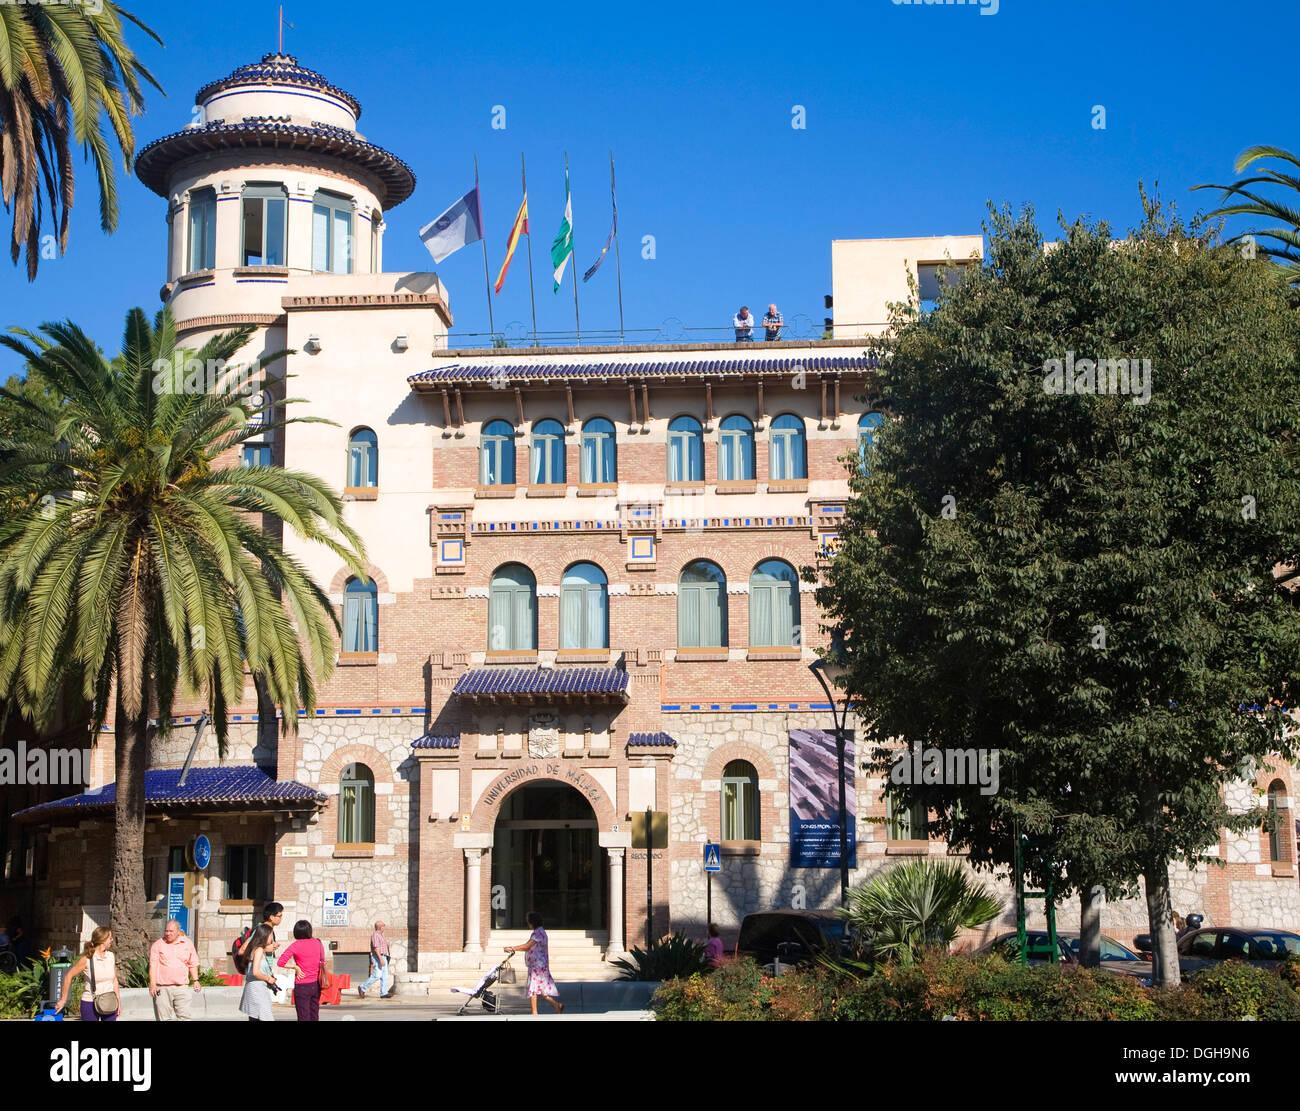 Universidad Malaga university building Malaga Spain - Stock Image